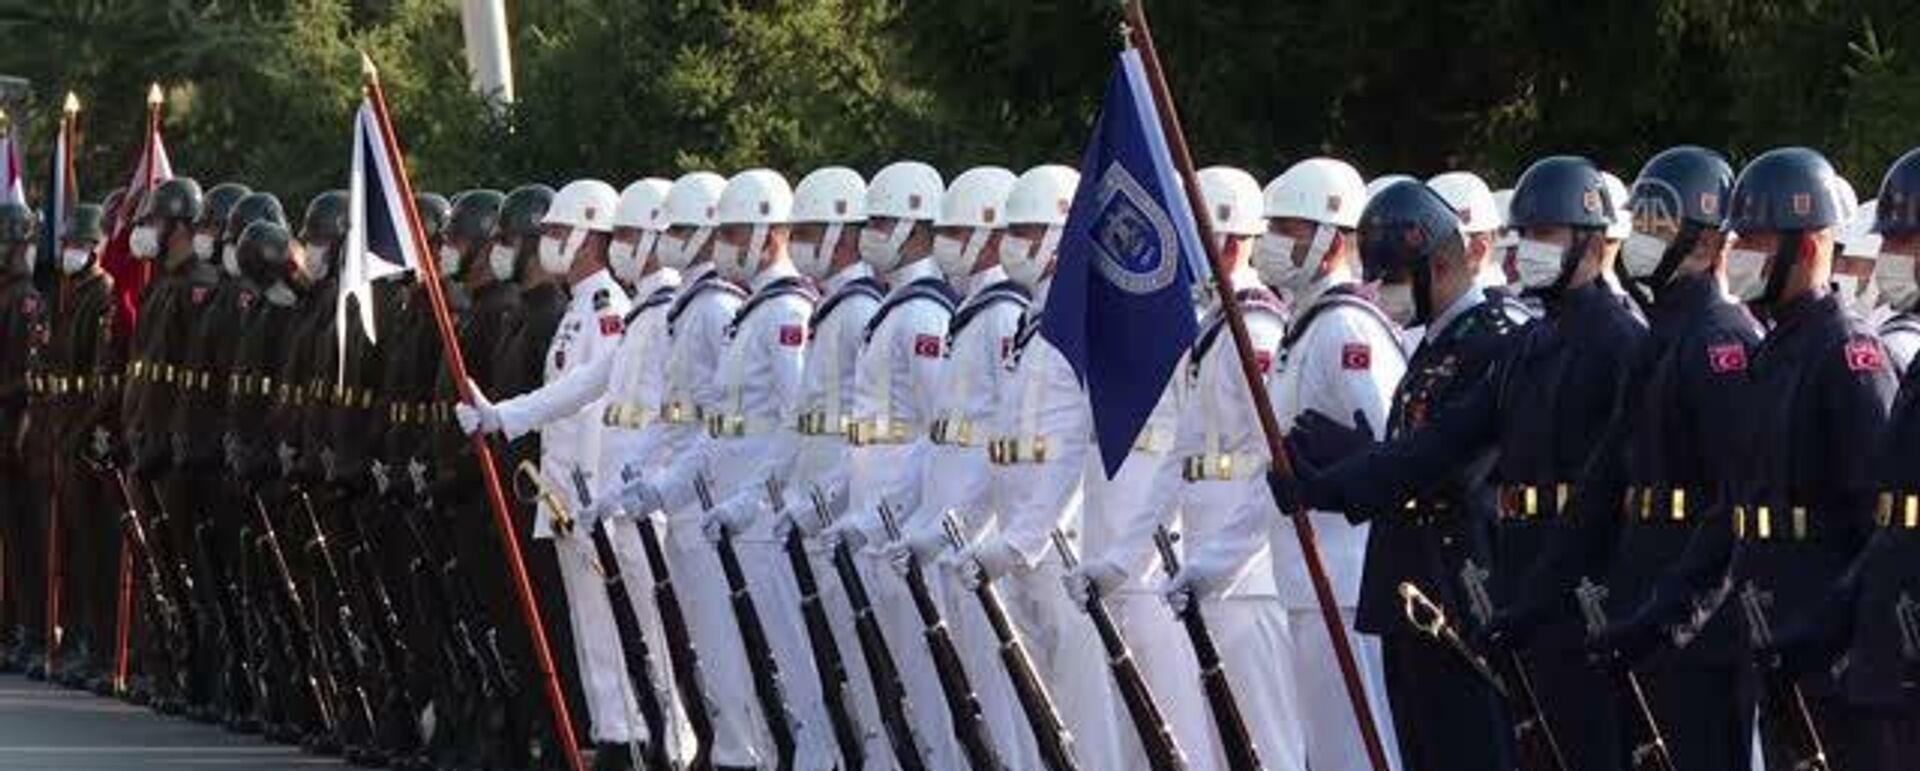 Askeri karşılama töreni - Genelkurmay Başkanlığı - Sputnik Türkiye, 1920, 13.09.2021